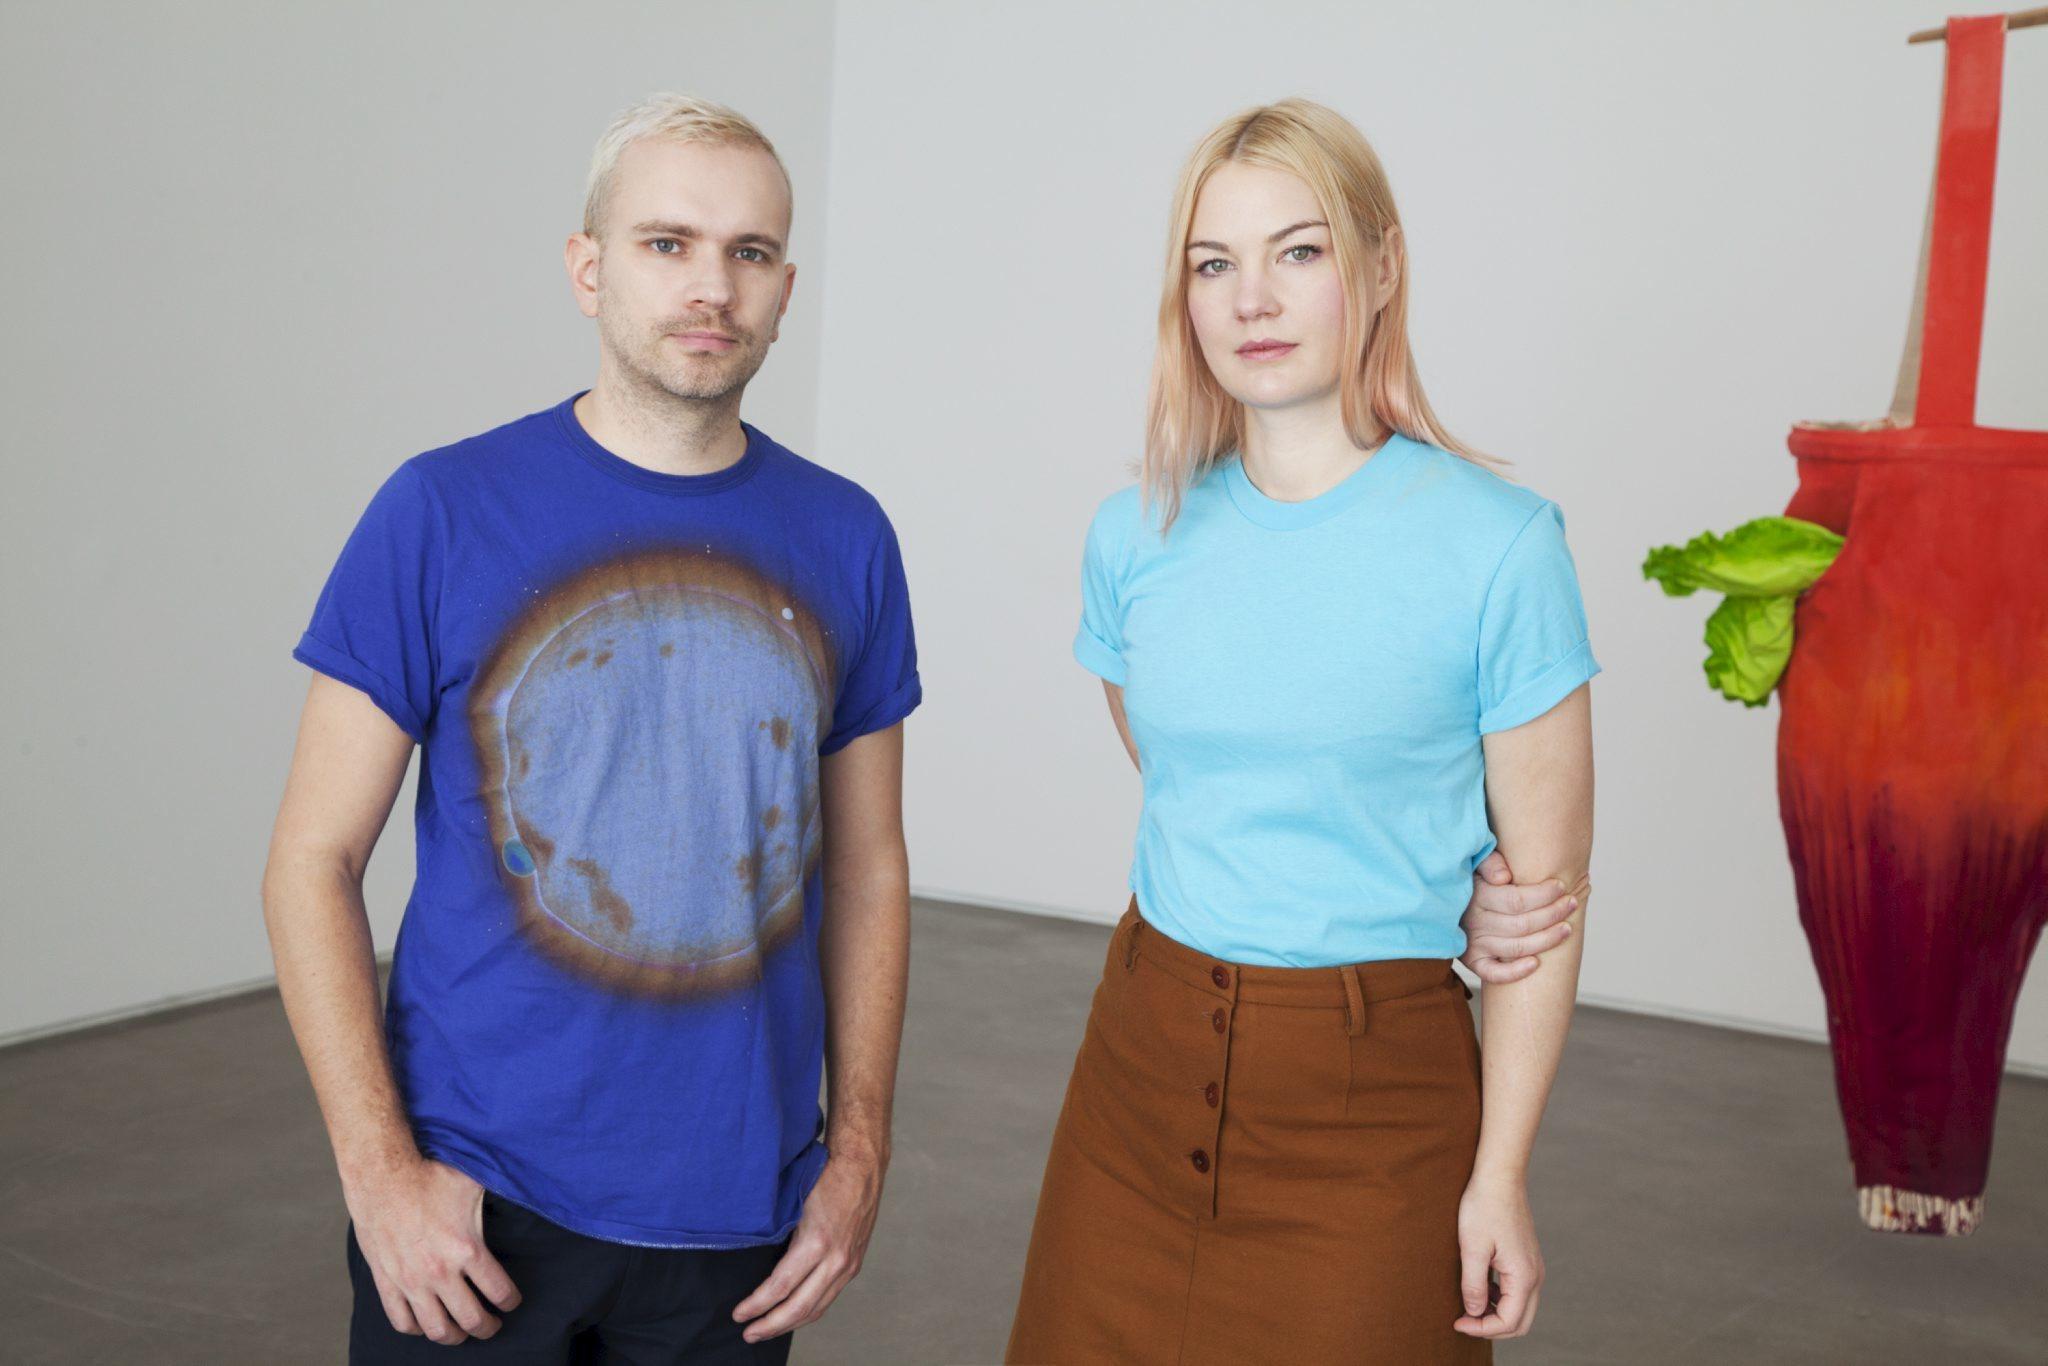 Nathalie Djurberg and Hans Berg